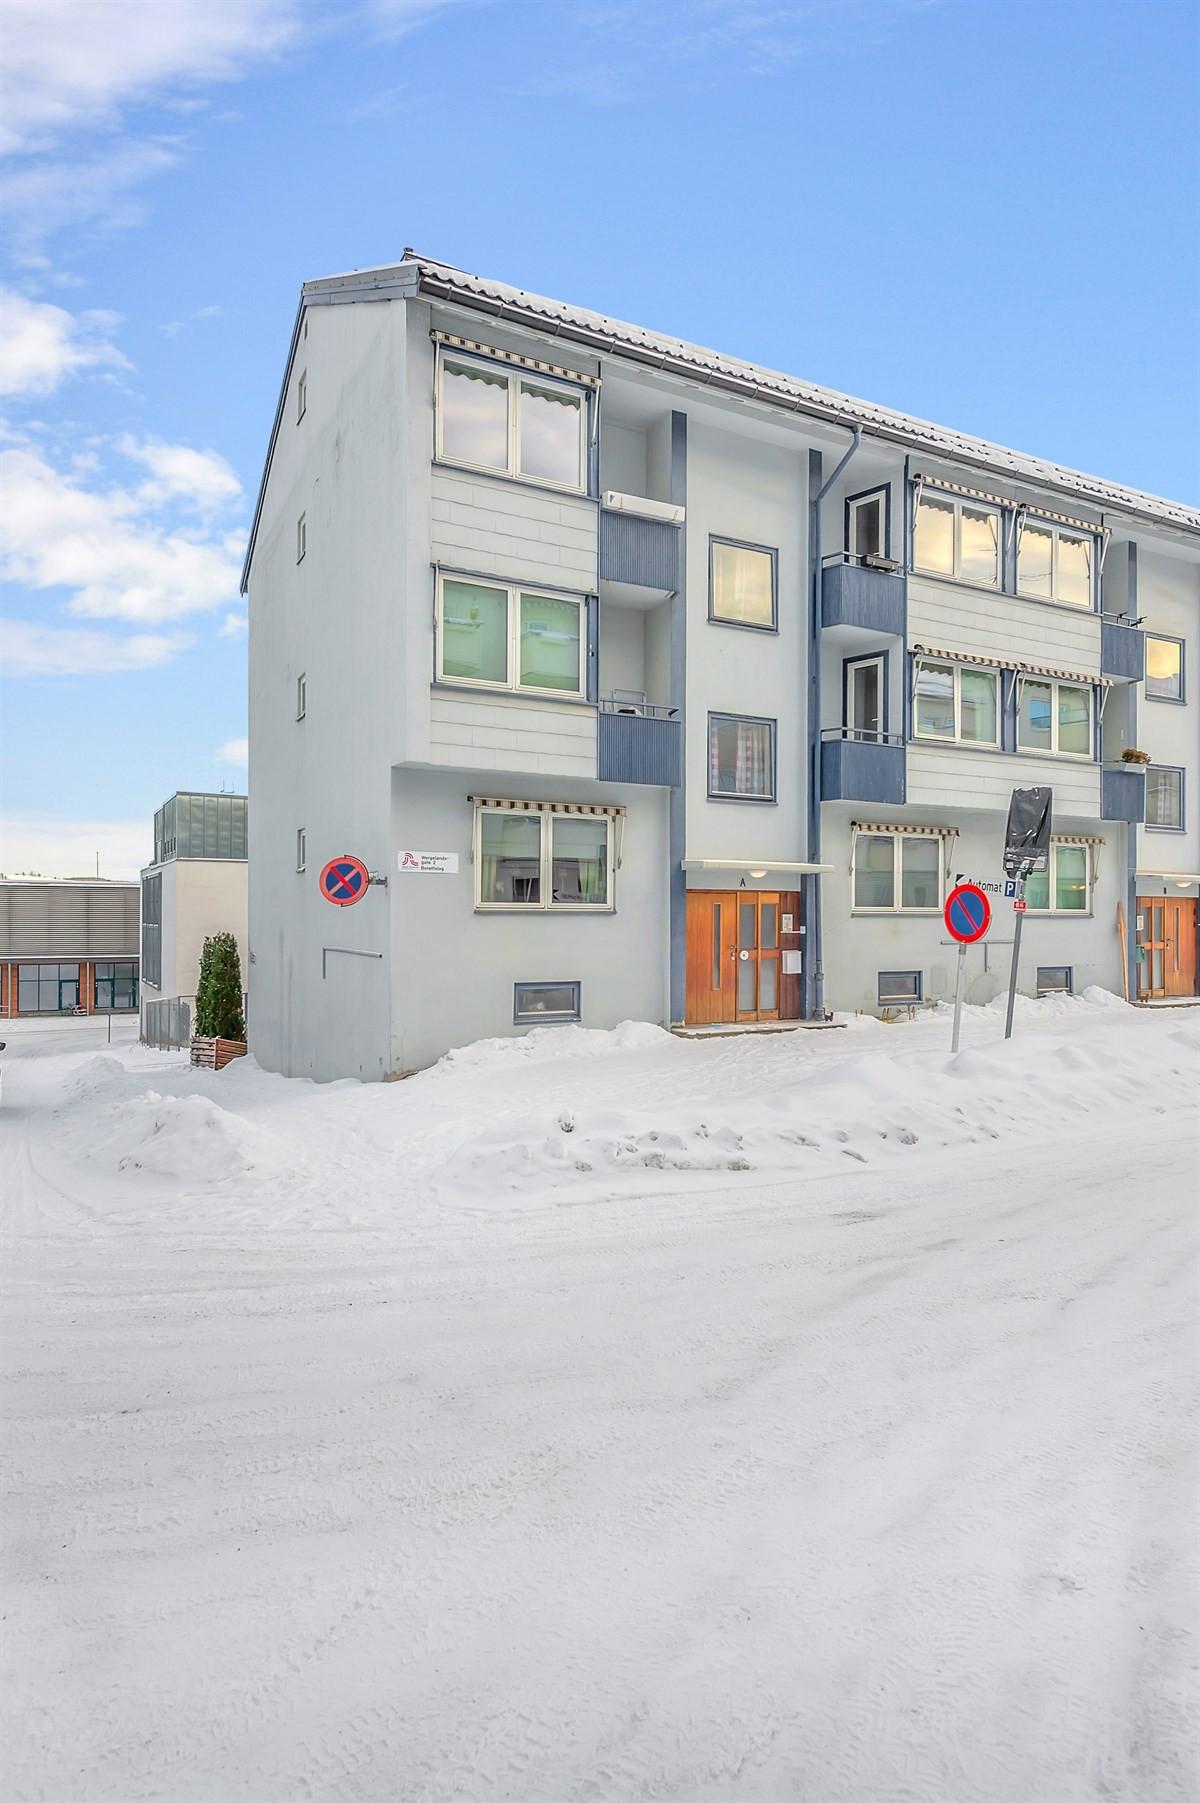 Leilighet - gjøvik - 1 750 000,- - Gjestvang & Partners